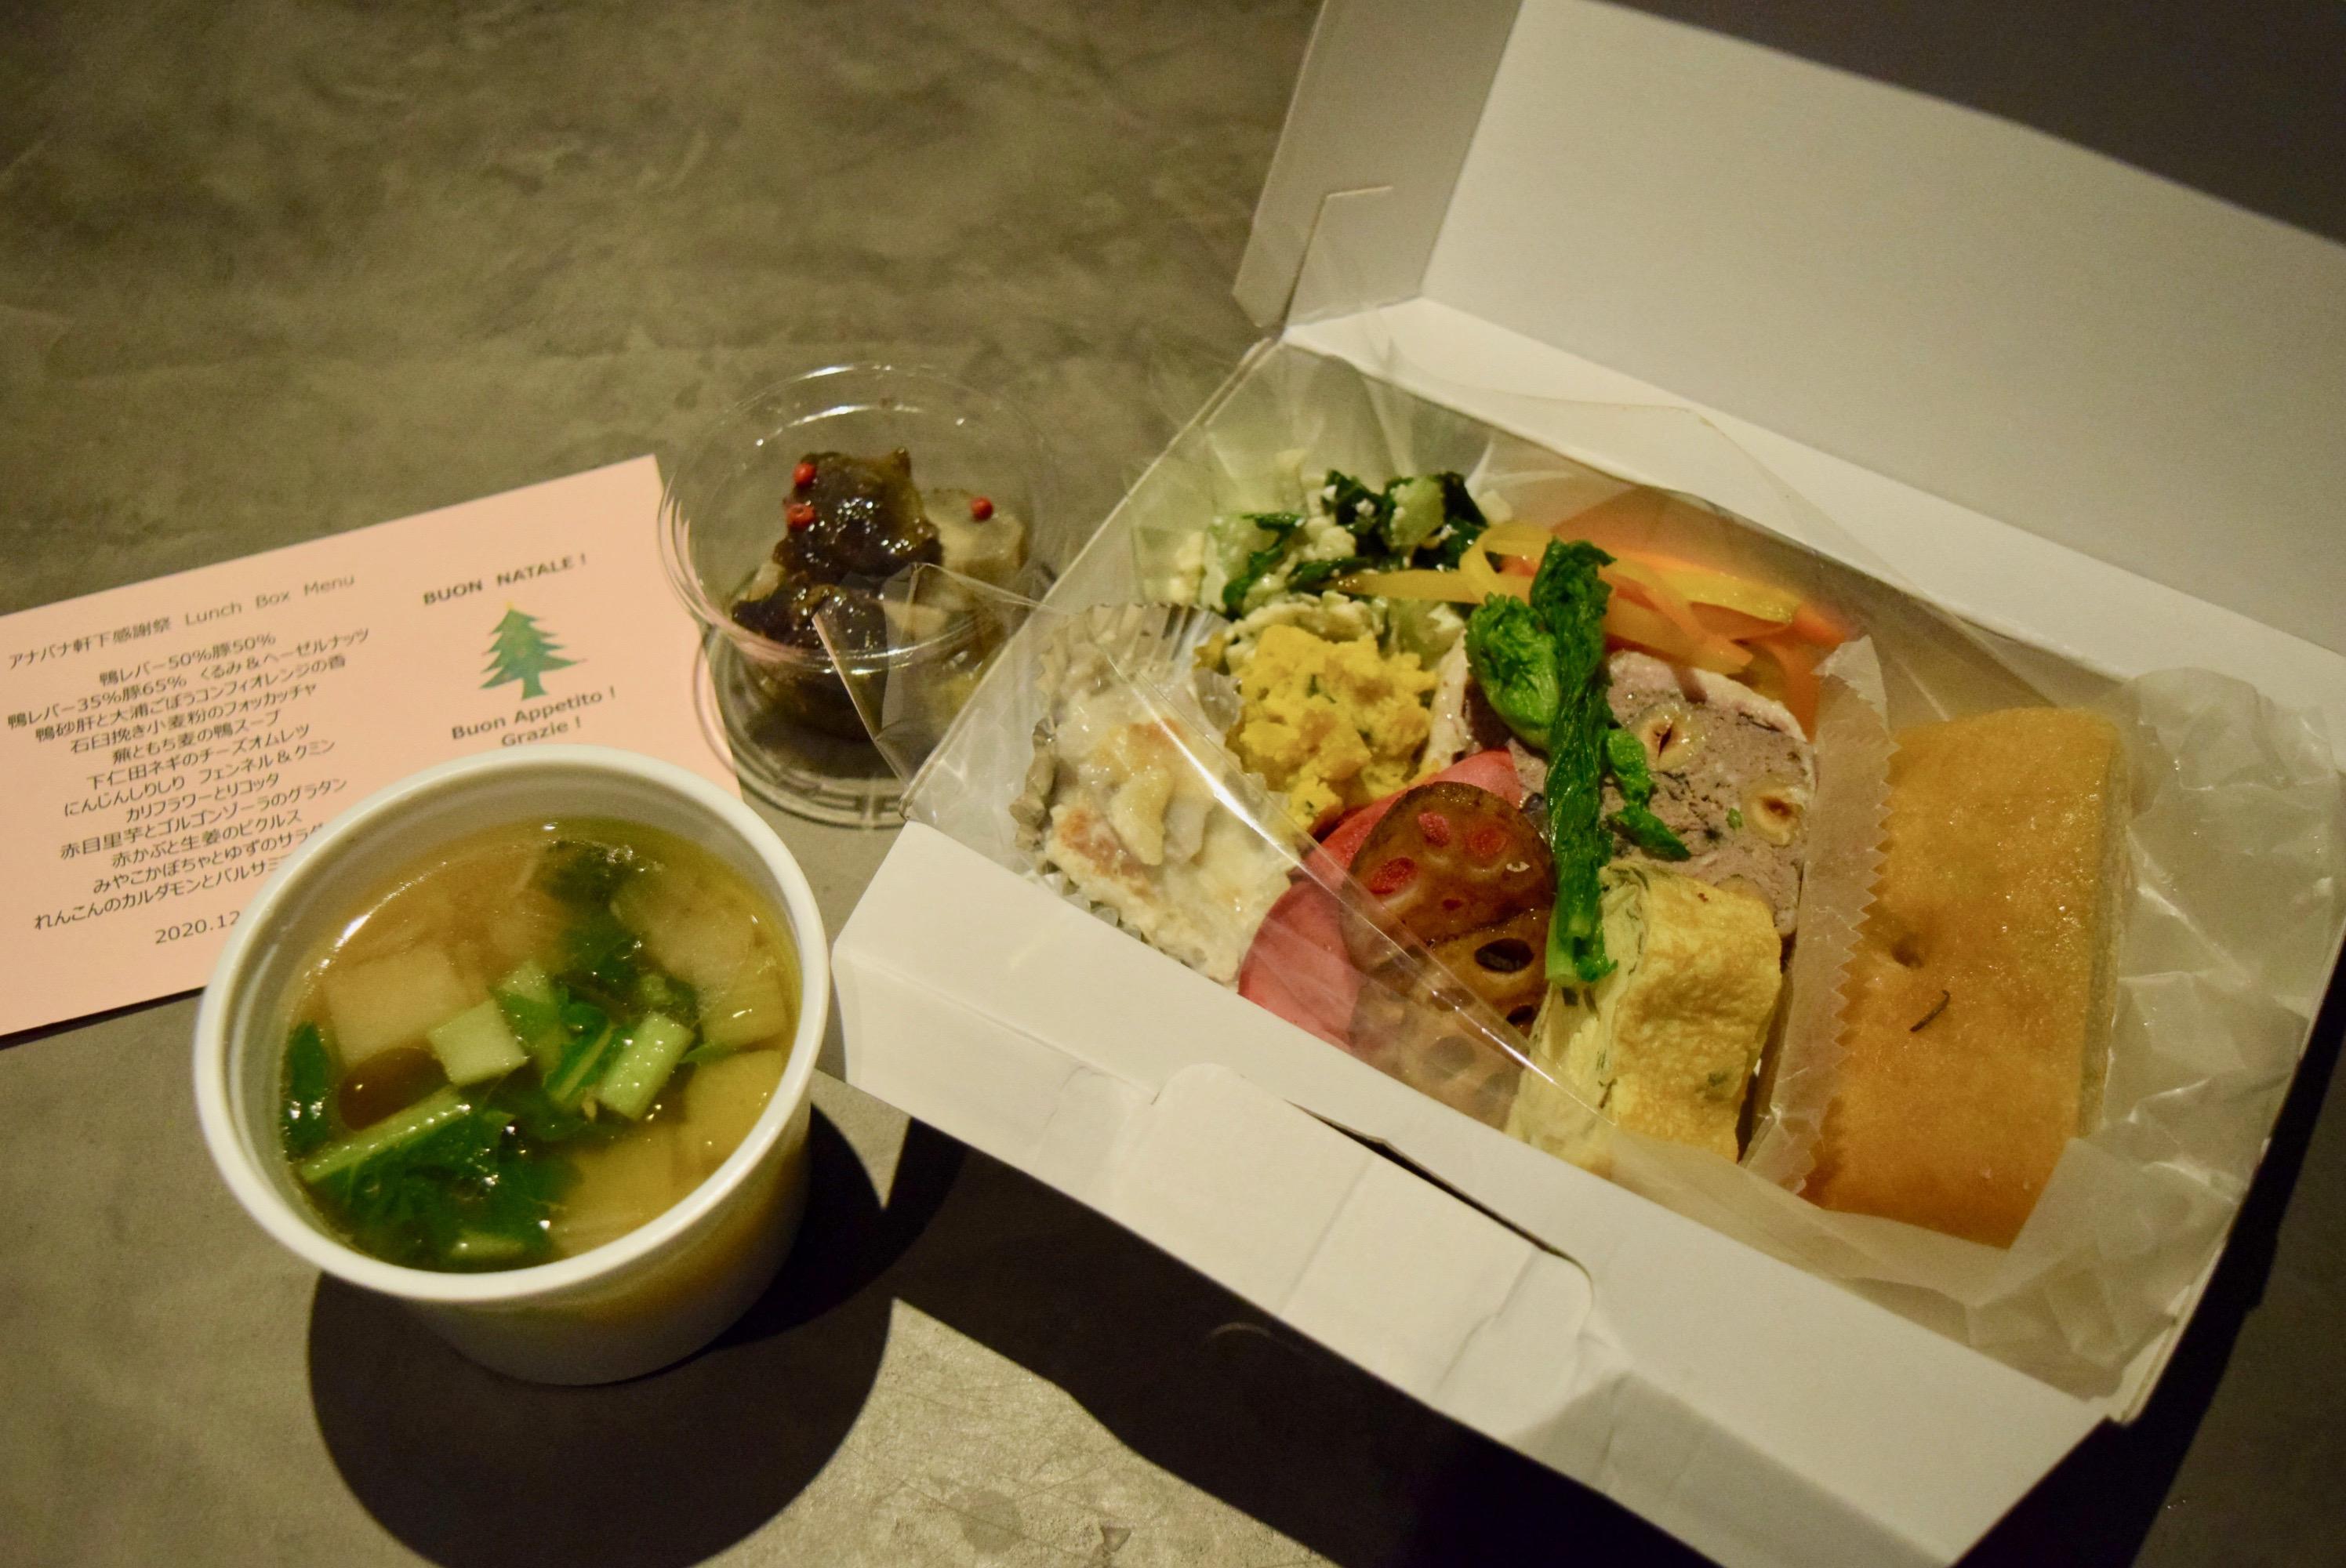 鴨レバーのパテや砂ずりのコンフィ、蕪ともち麦入りの鴨スープ、かぼちゃとゆずのサラダなど、とっても豪華なごちそうランチボックス!